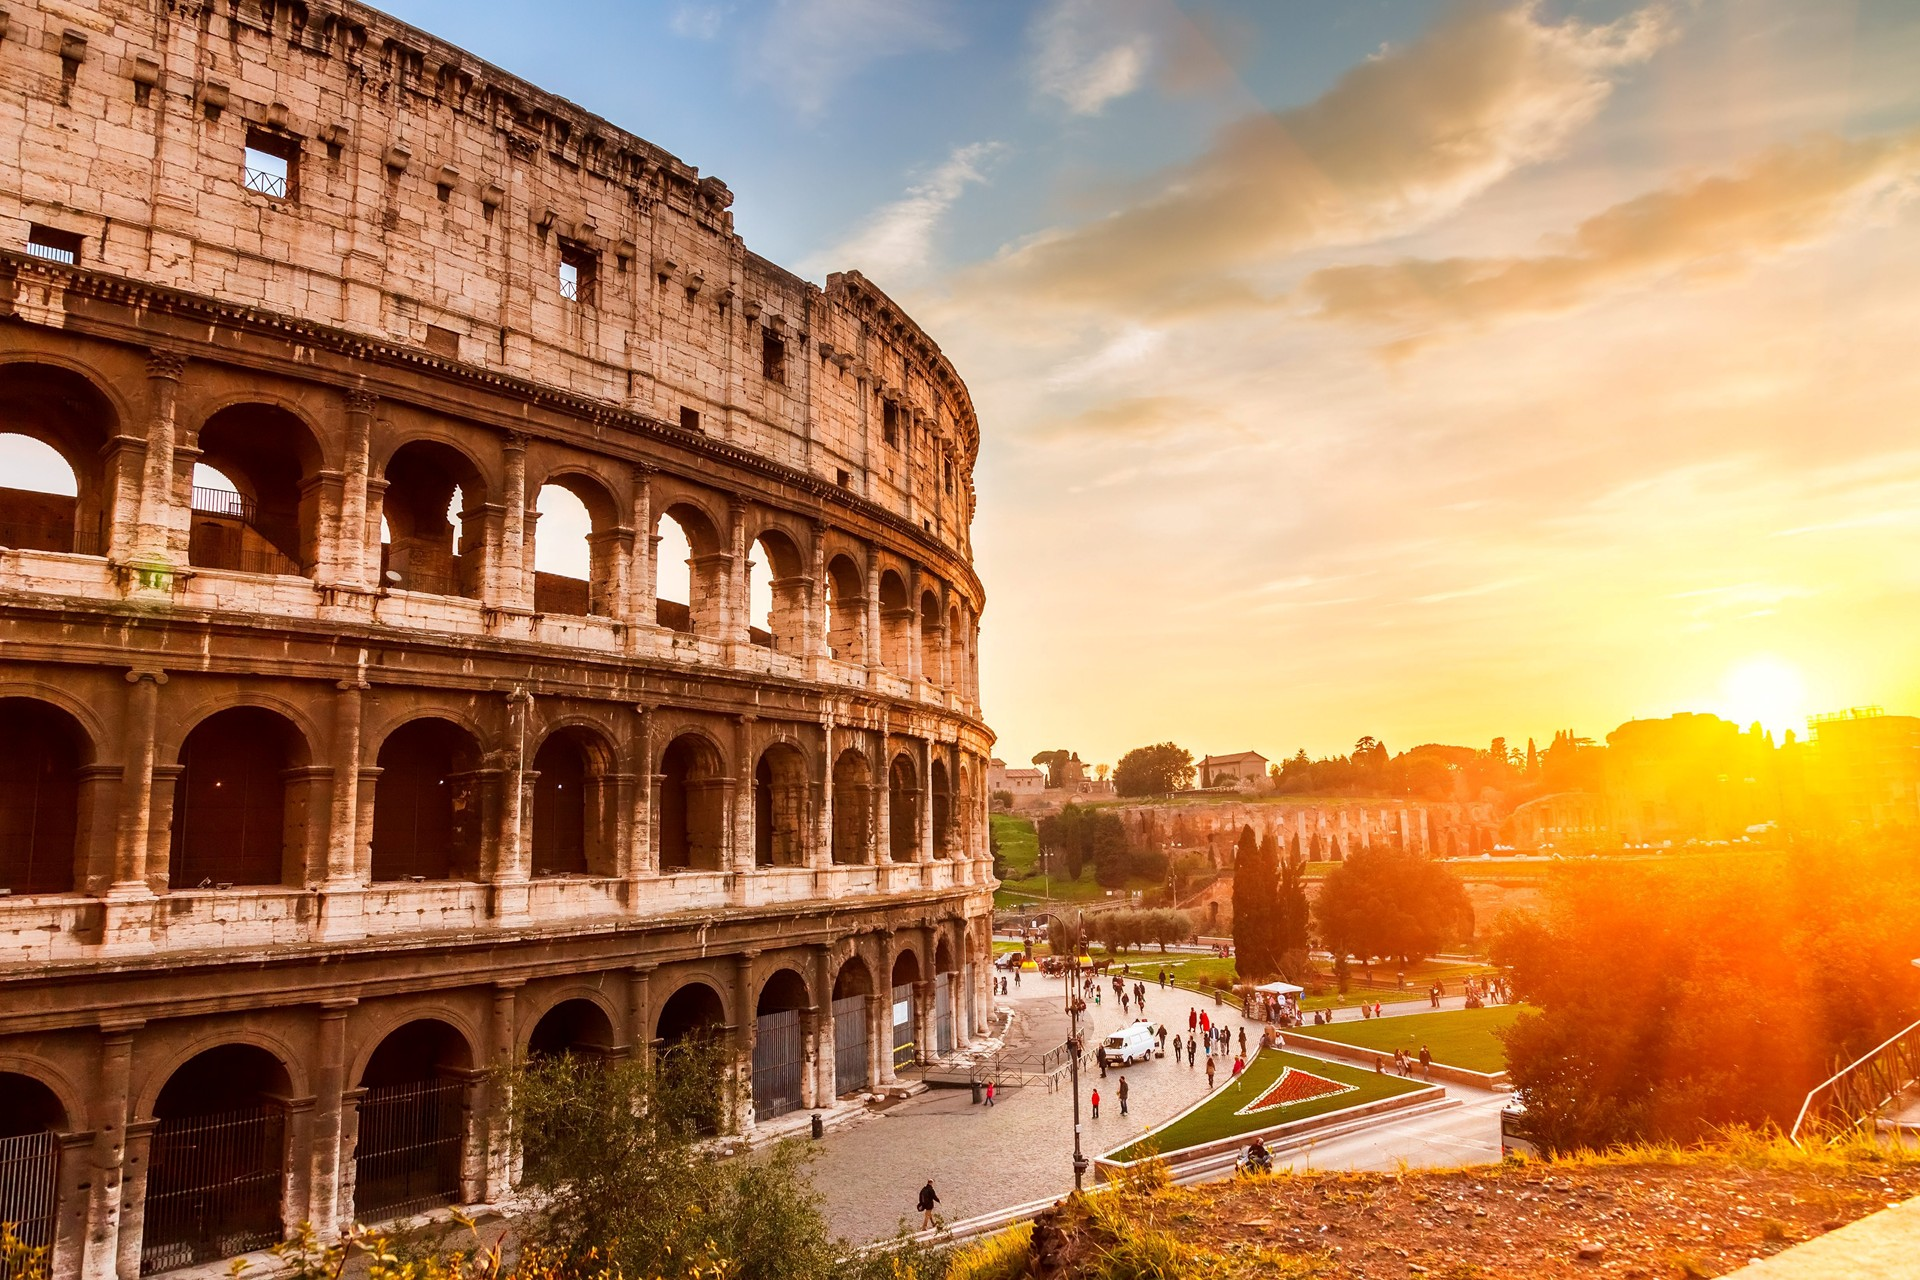 Rim putovanje avionom last minute ponude cena